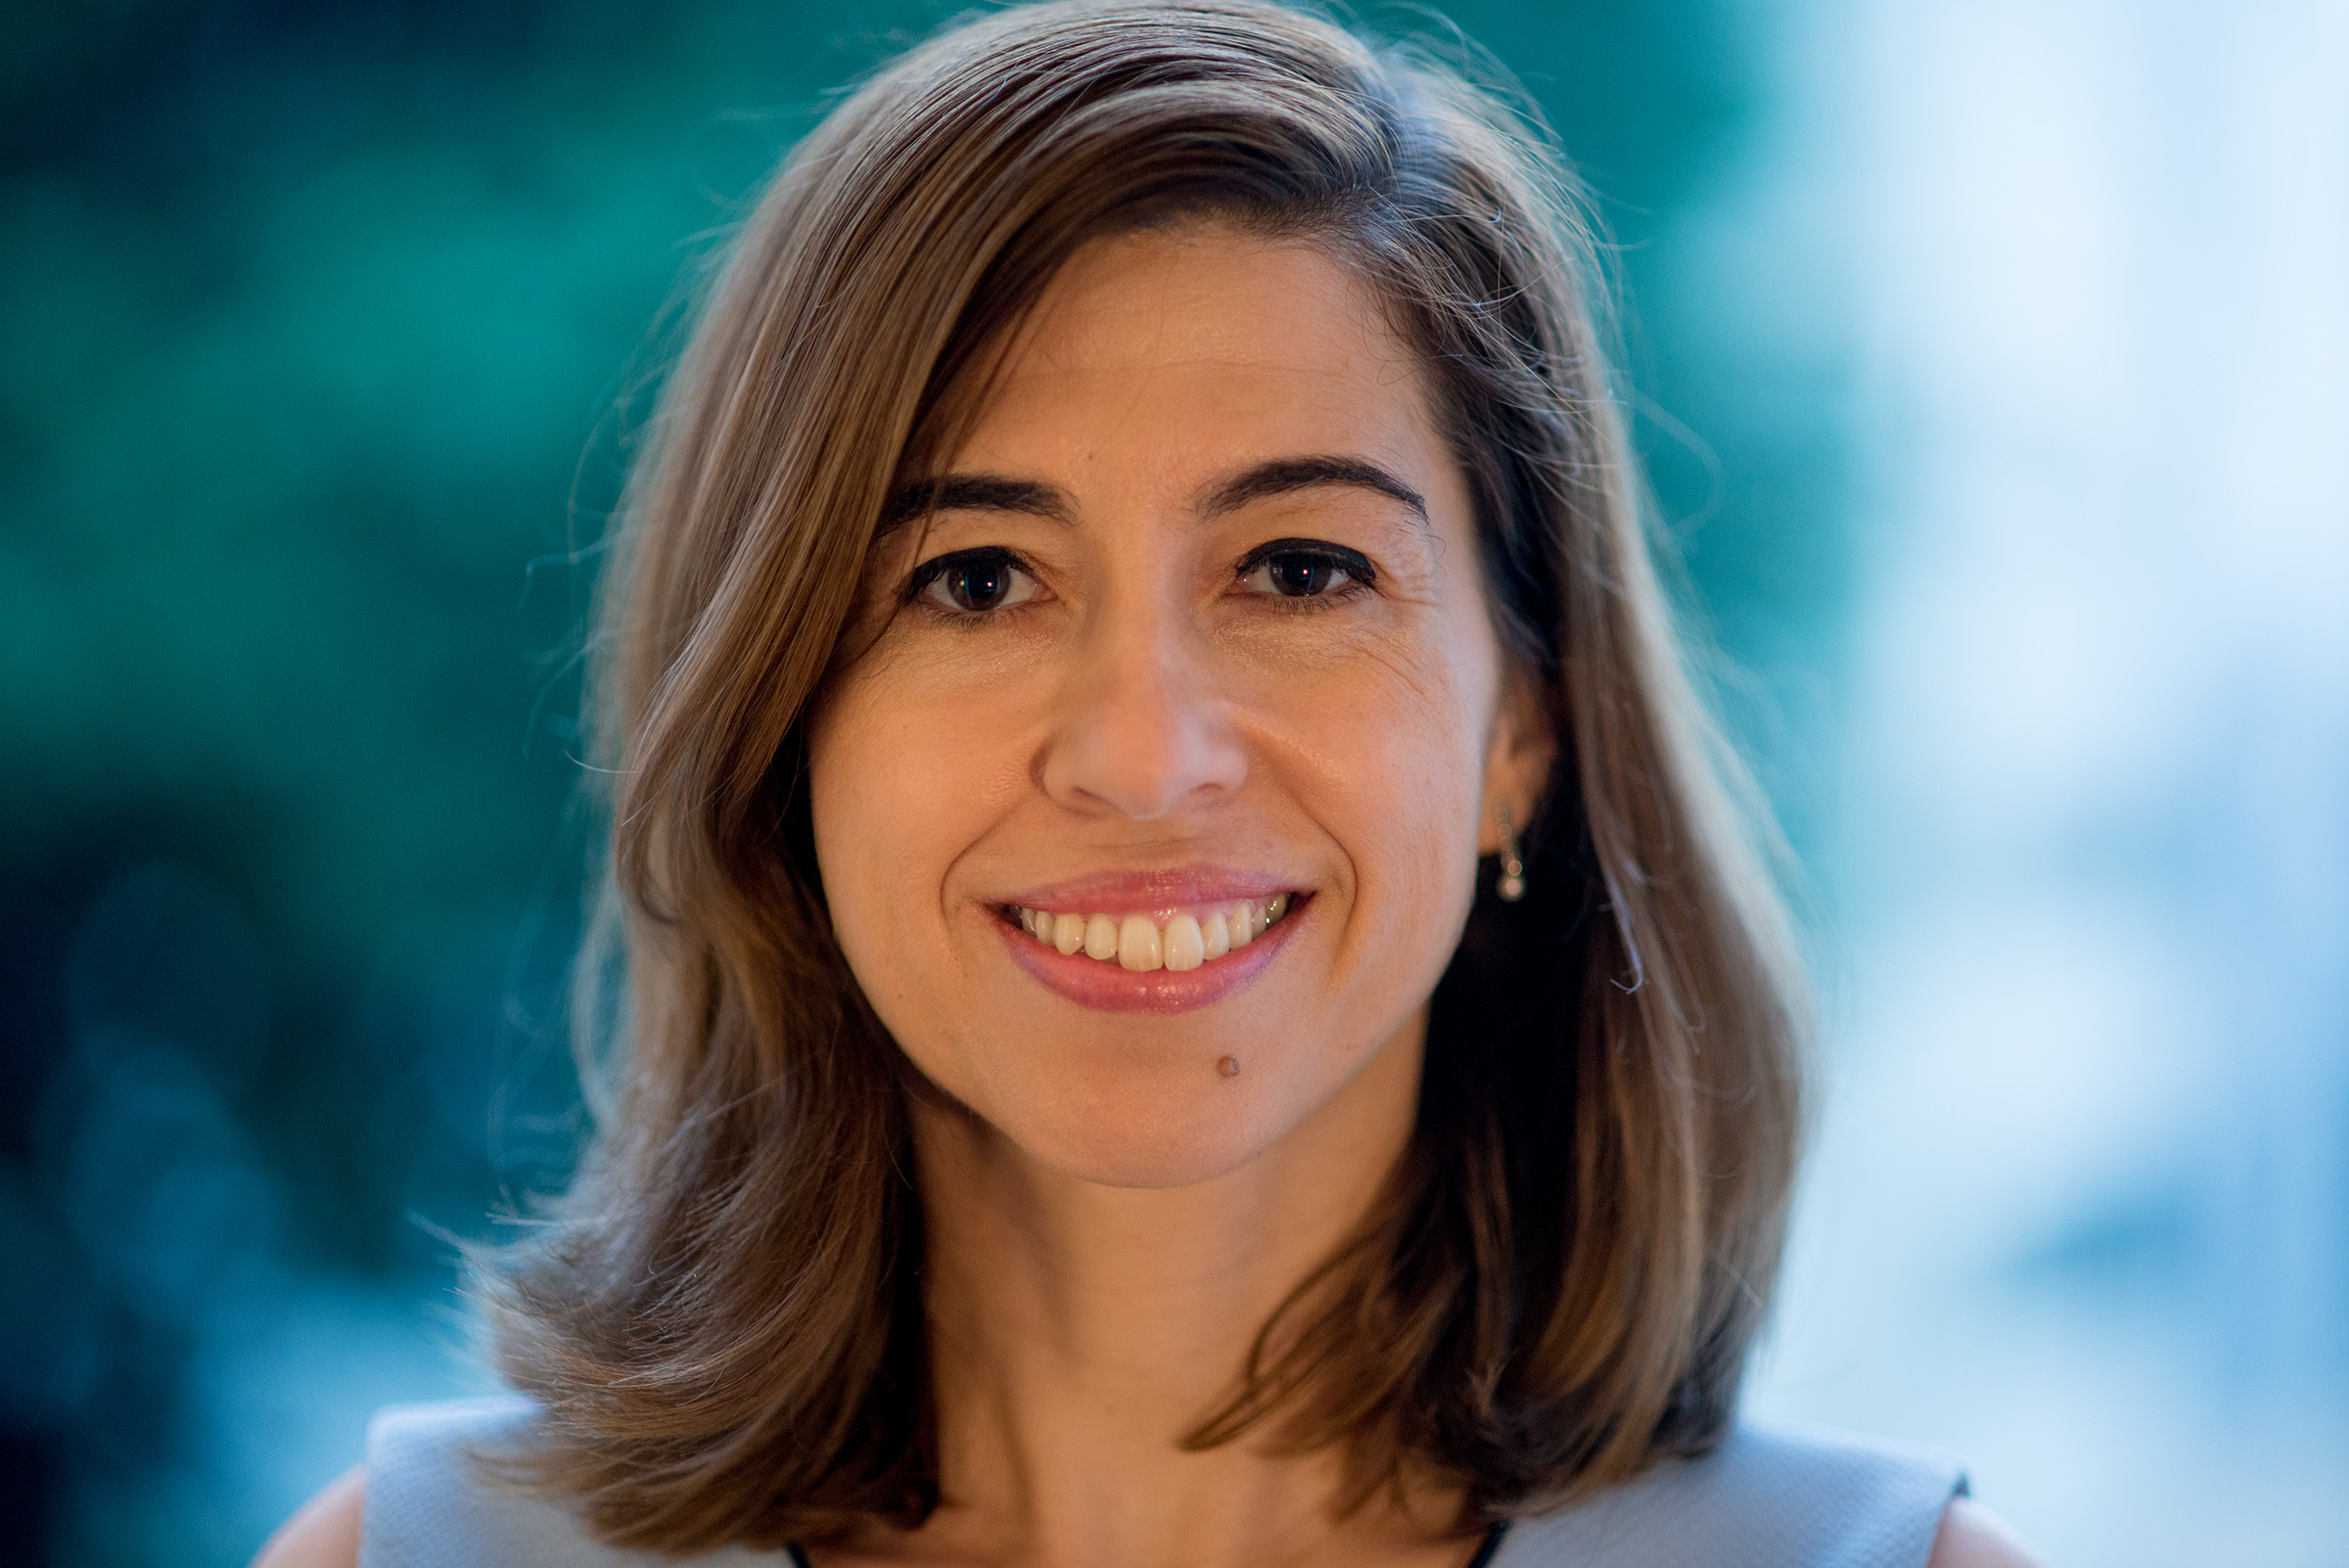 """Joana Ferreira: """"A DVC tem impacto na qualidade de vida dos doentes desde as suas fases iniciais"""""""